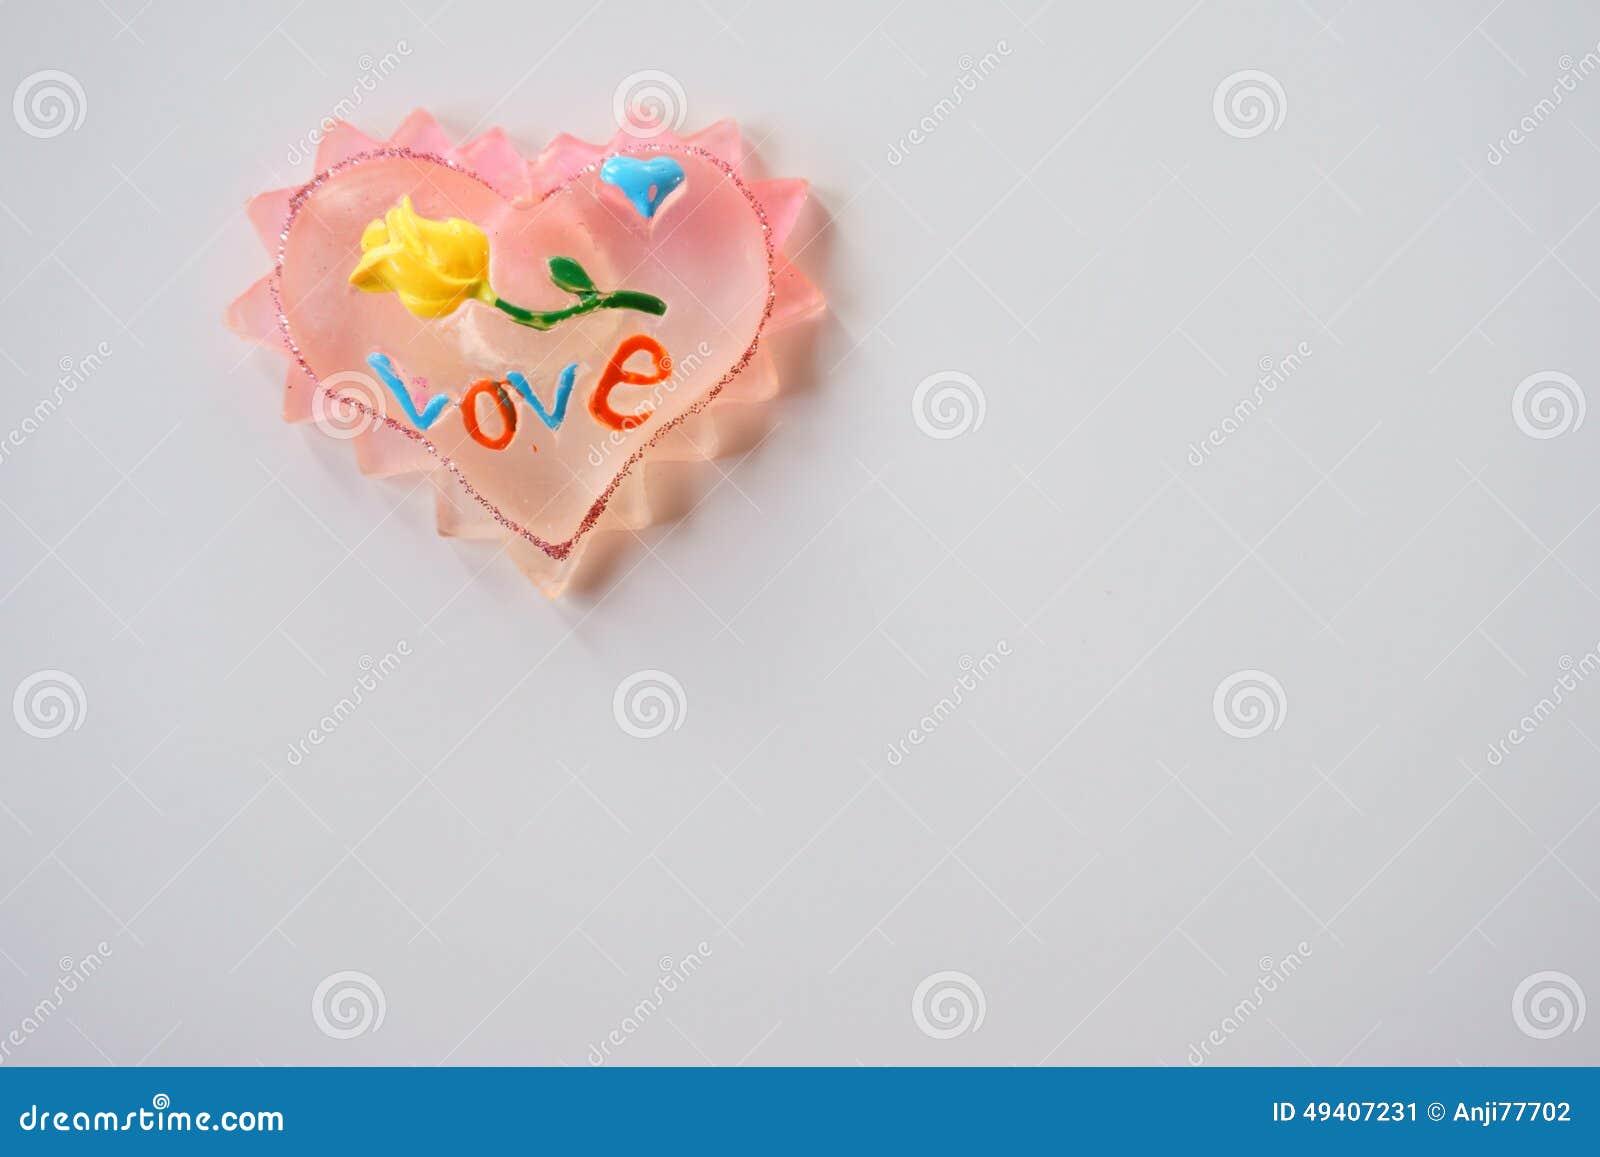 Download Herz, Spielzeug, Dekoration Stockbild - Bild von feiertag, form: 49407231